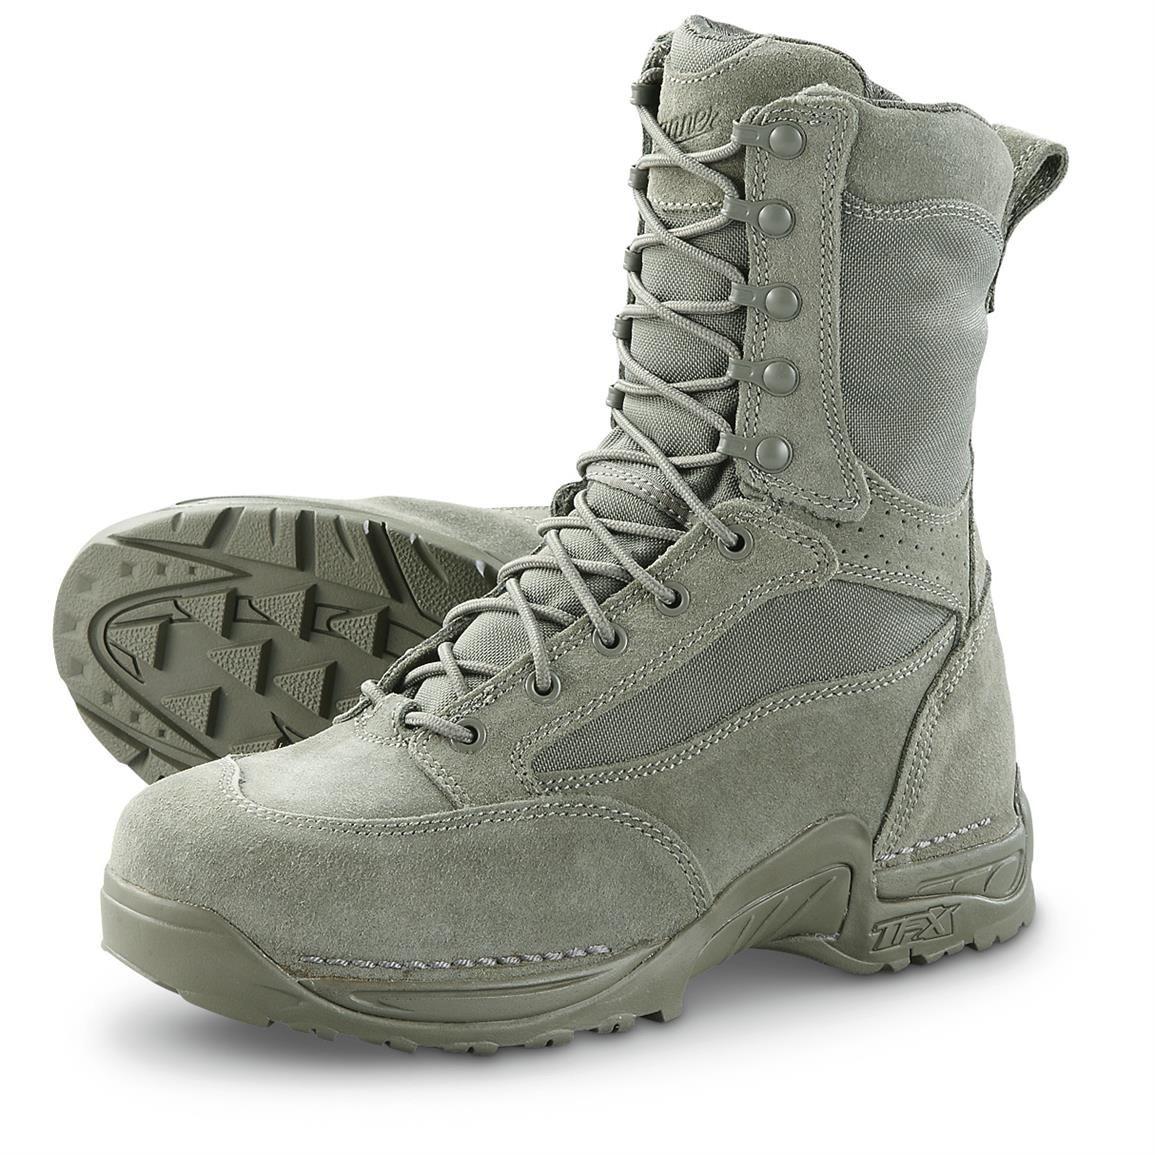 b3bda4b54f Danner USAF TFX Tactical Boots